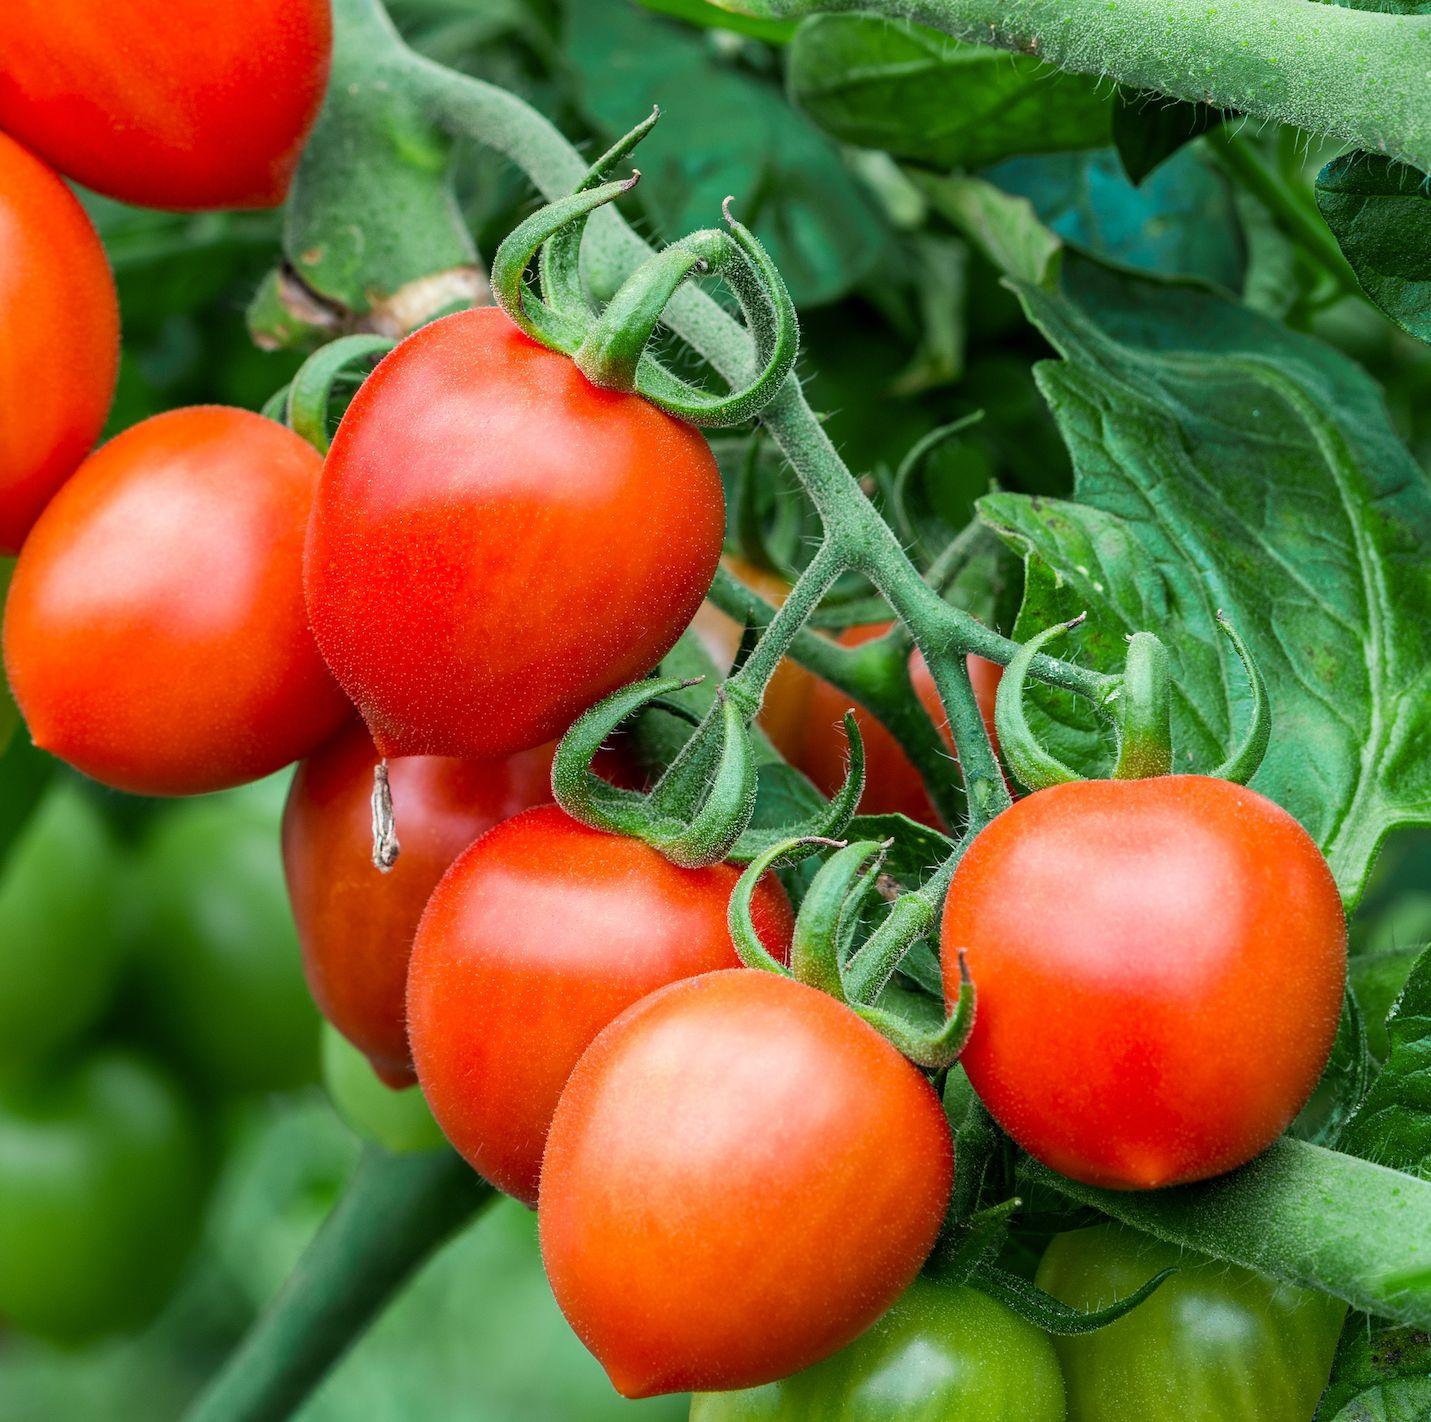 tomatoes in vegetable garden